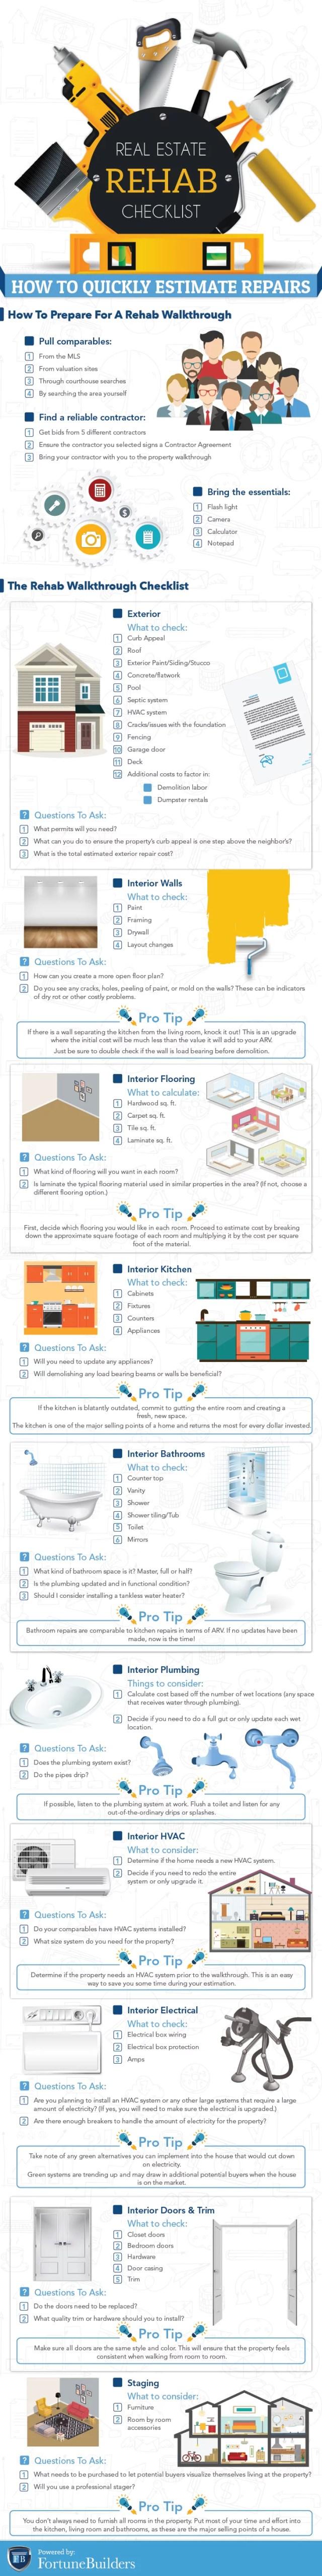 Rehab checklist